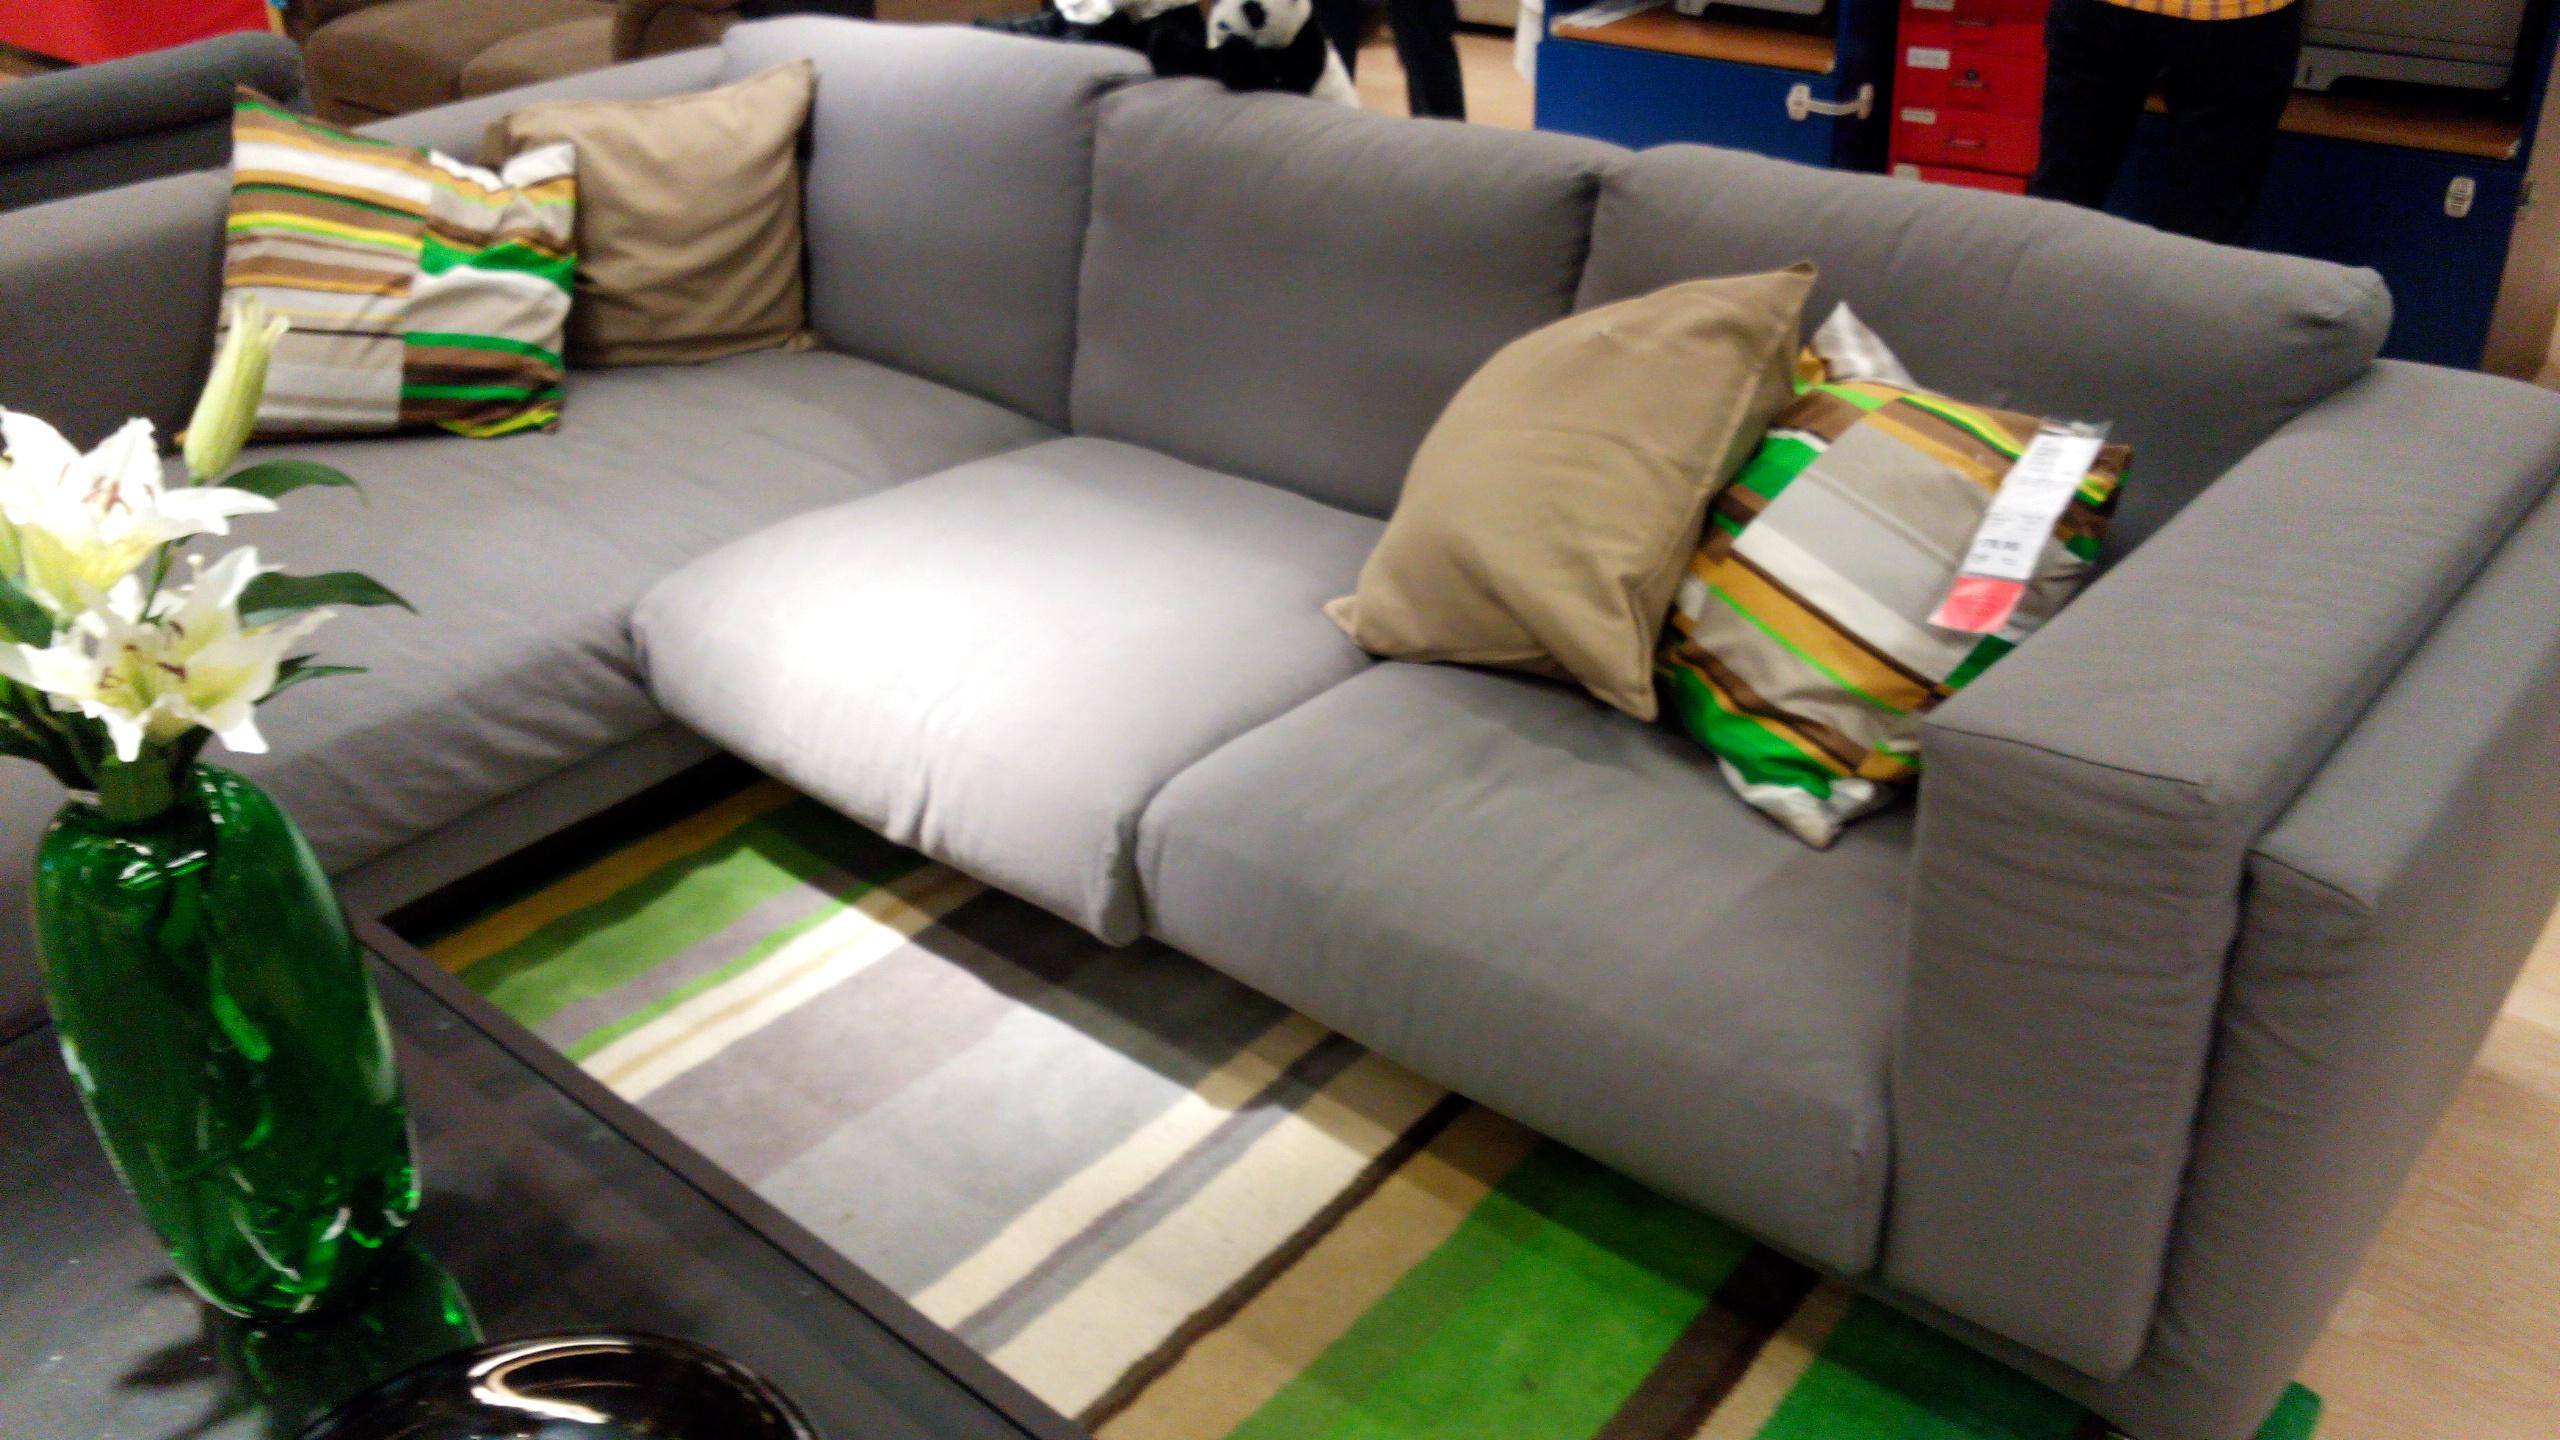 Divano IKEA Nockeby Recensione - Nuove collezioni di divani IKEA metà 2014